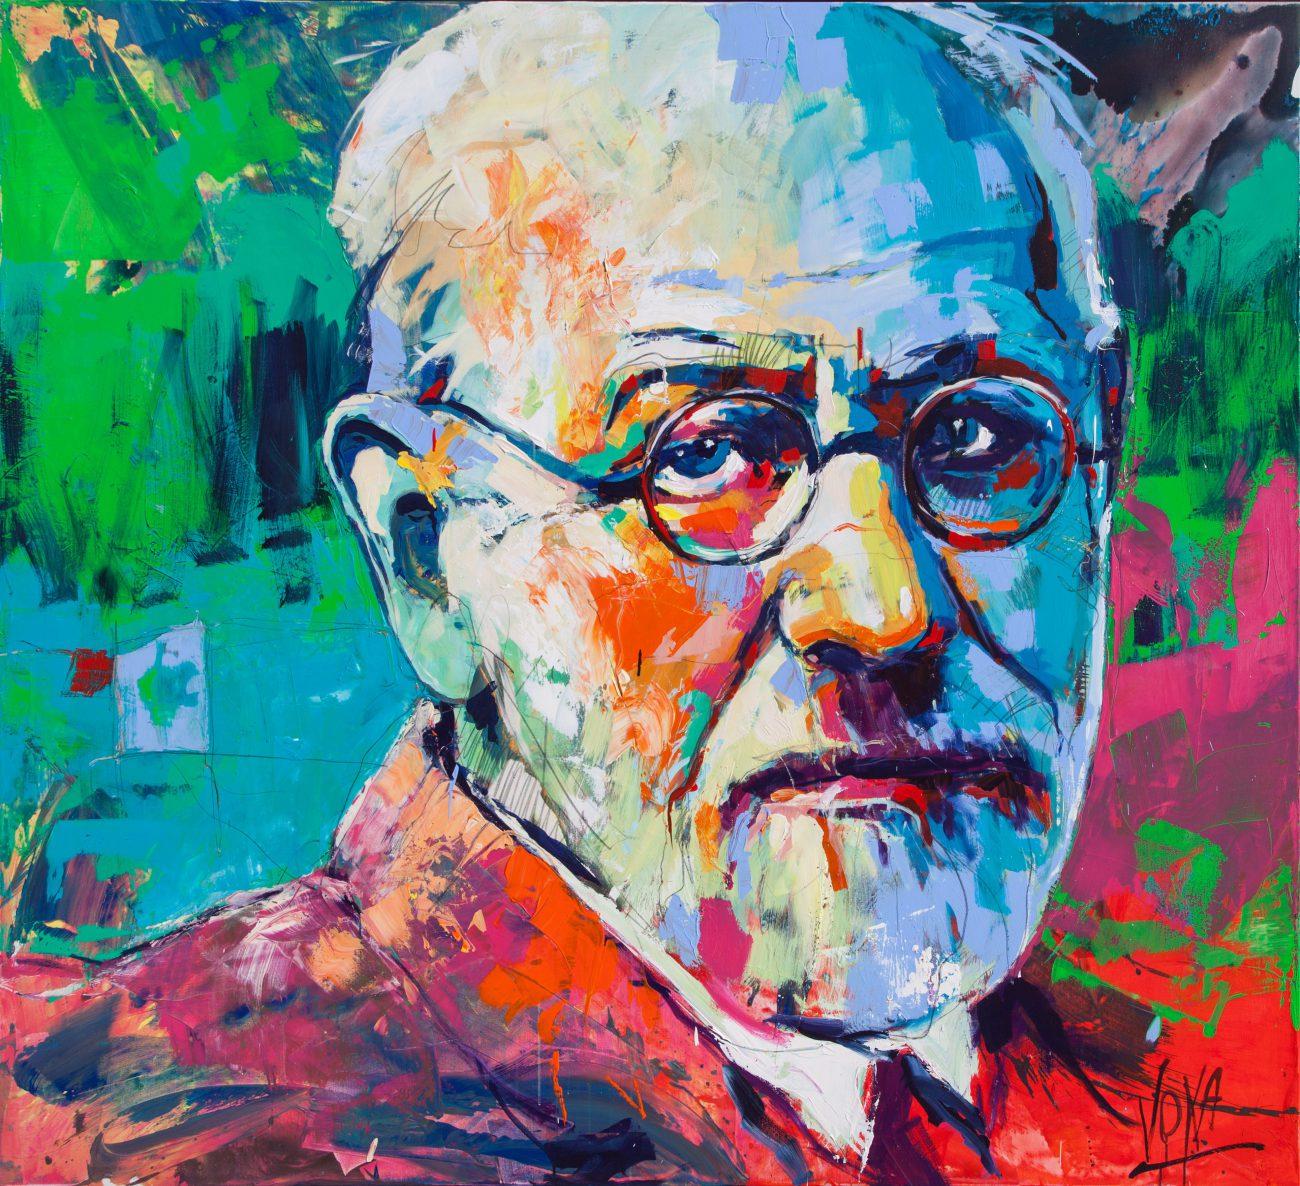 Sigmund Freud, Artwork by Voak